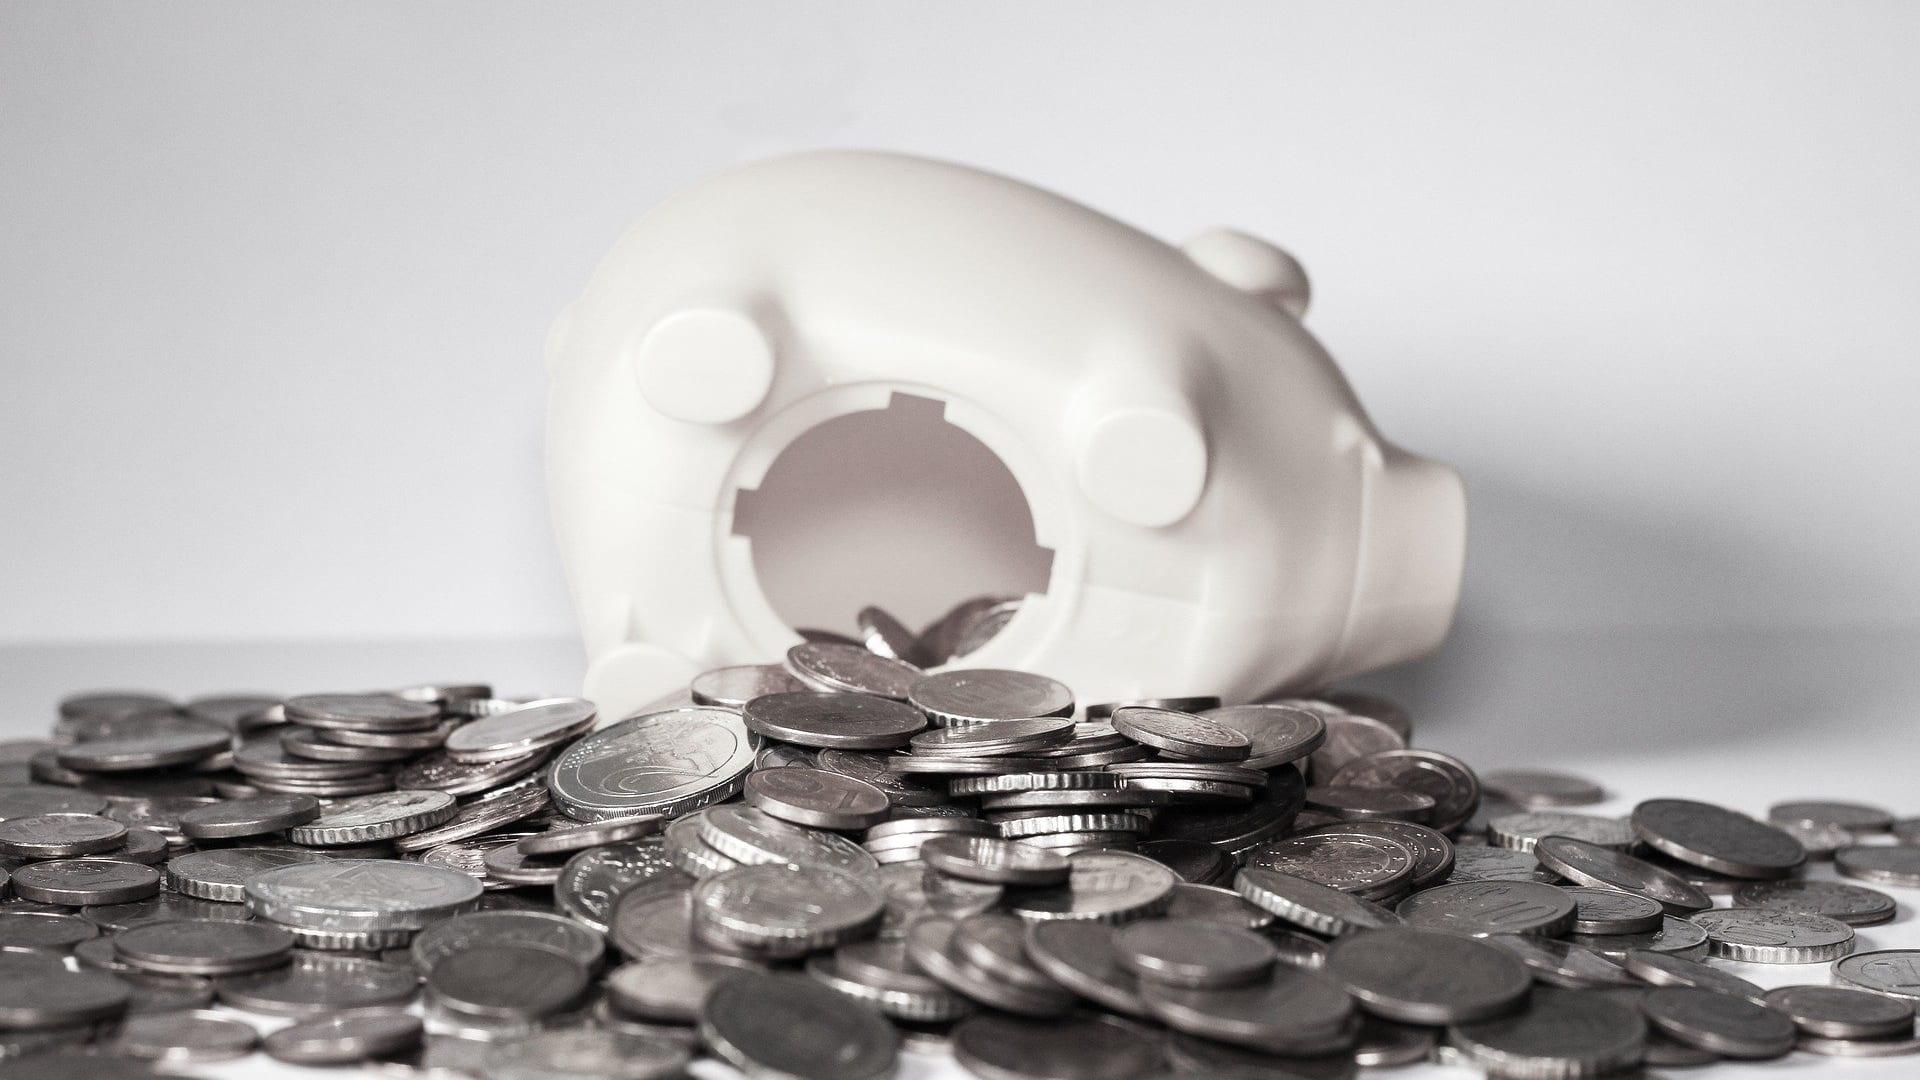 Mettre de l'argent de côté pour se créer un apport rapidement